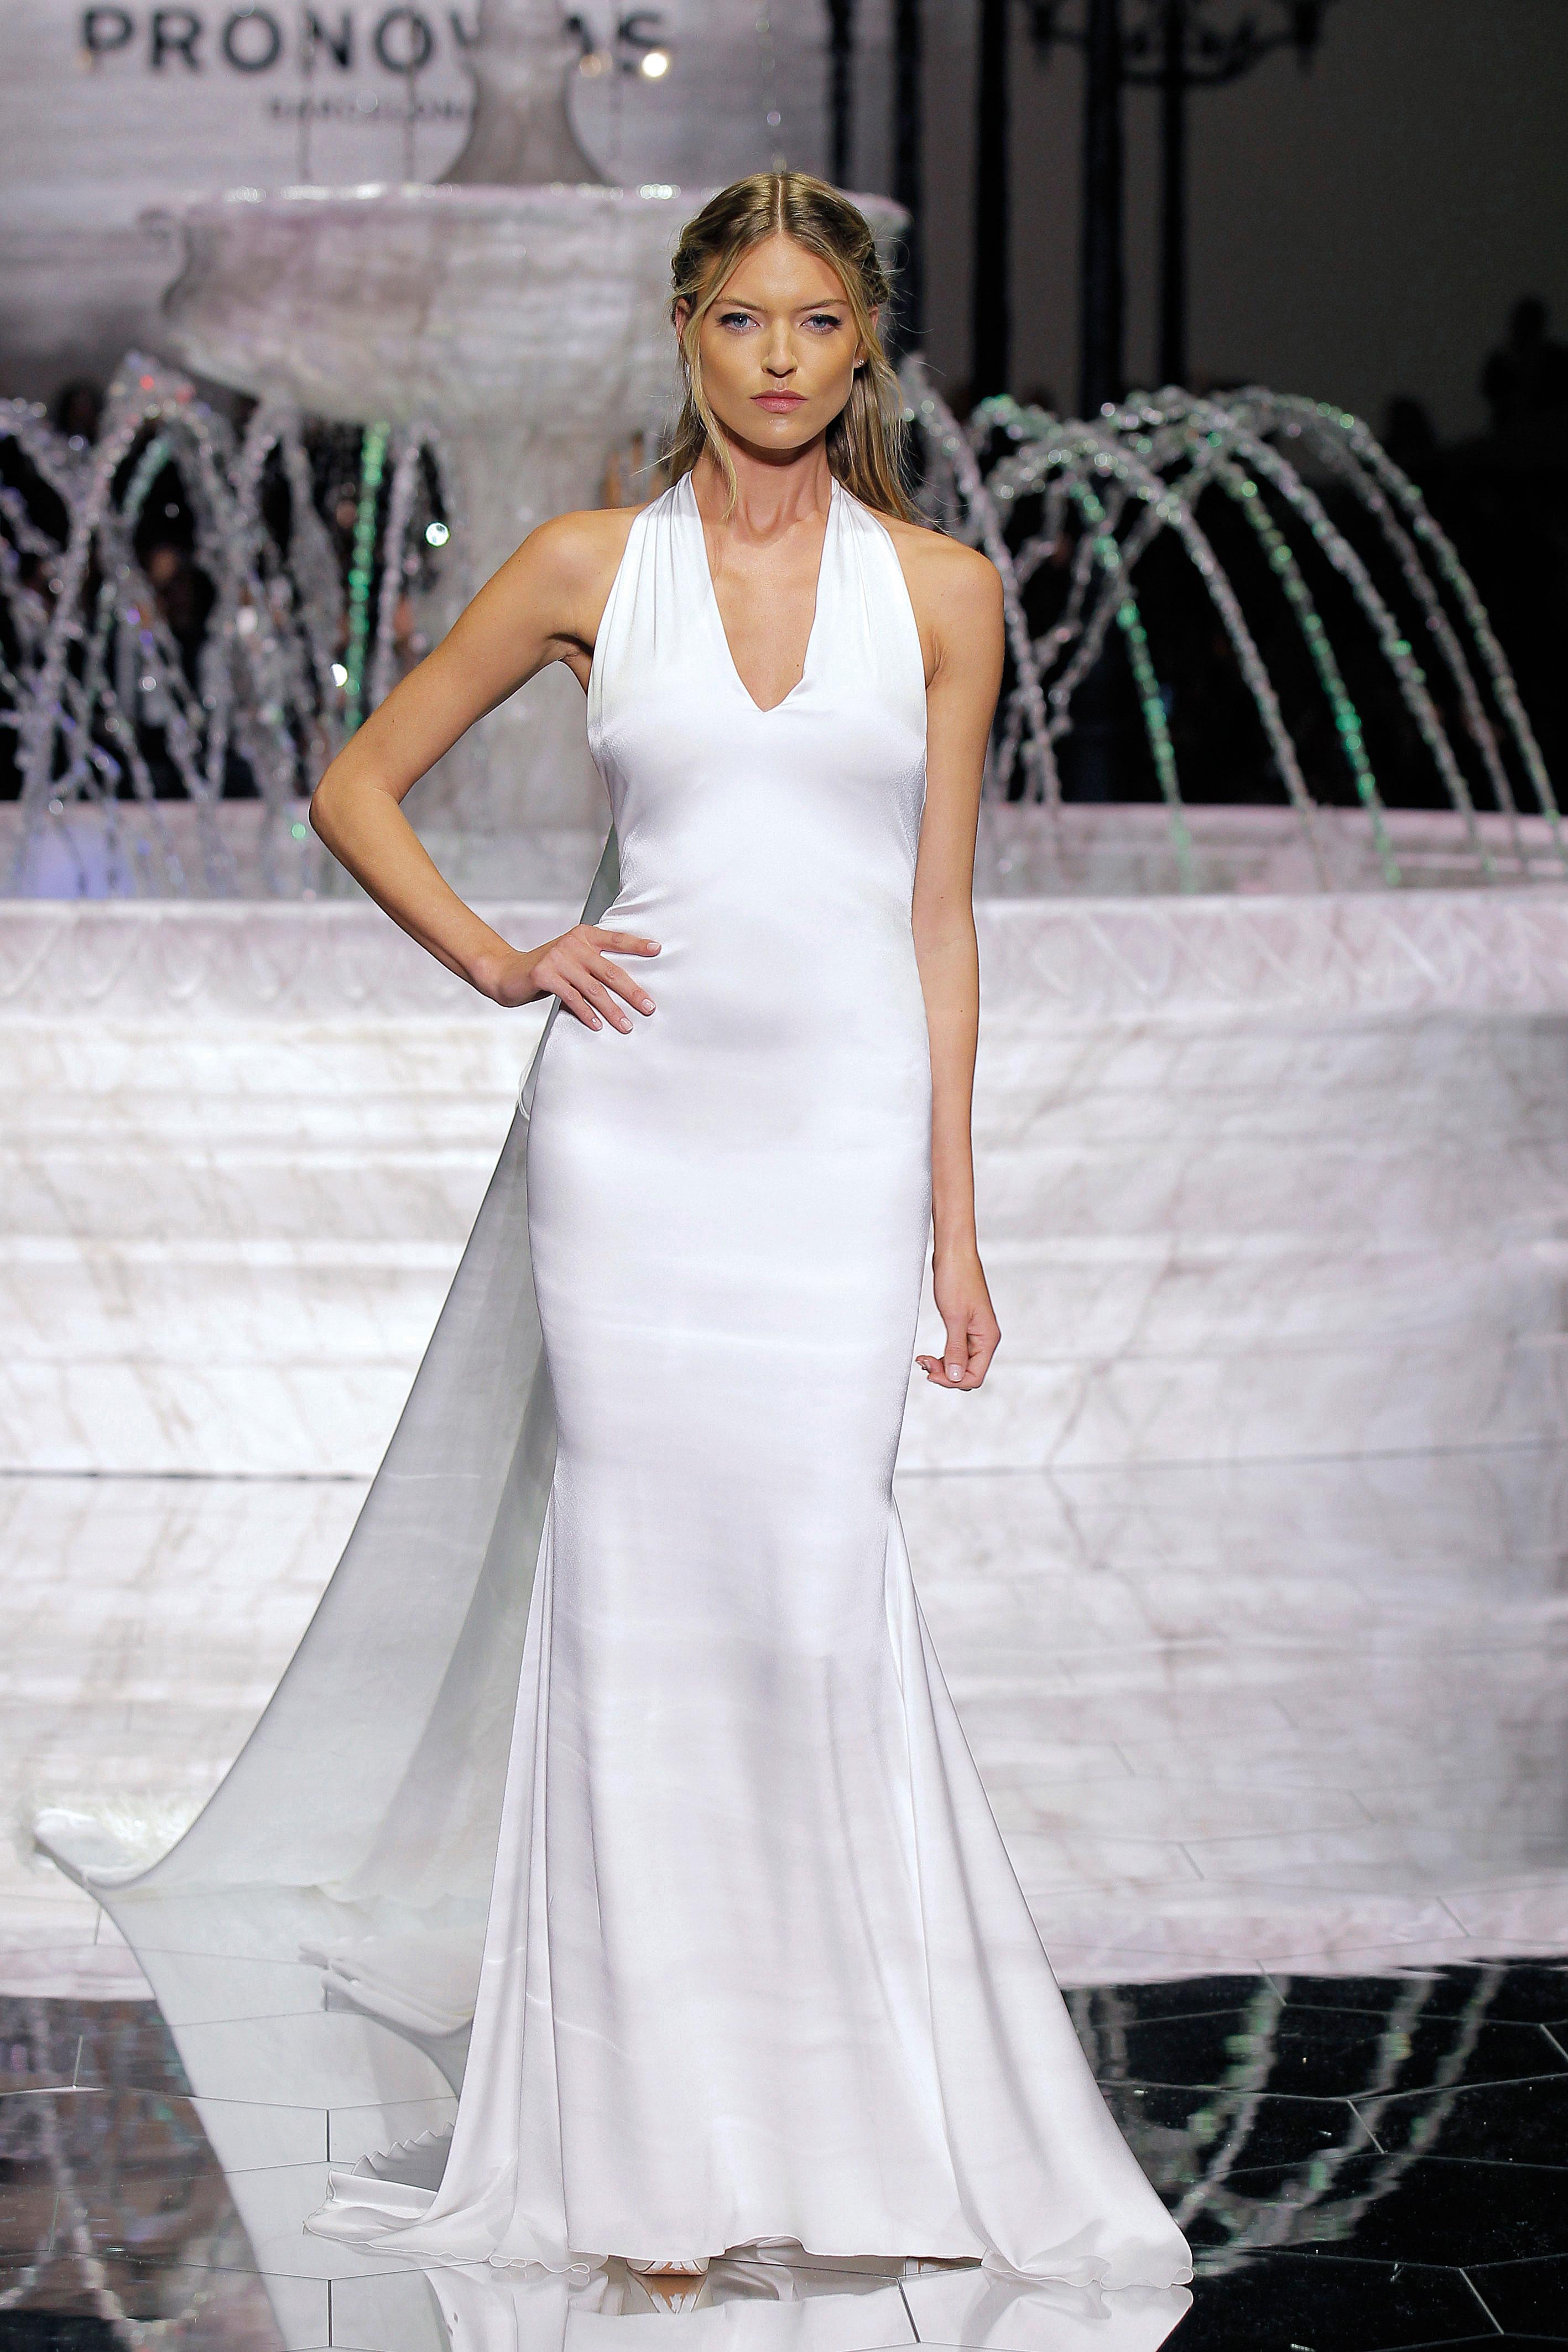 pronovias simple v-neck wedding dress spring 2018